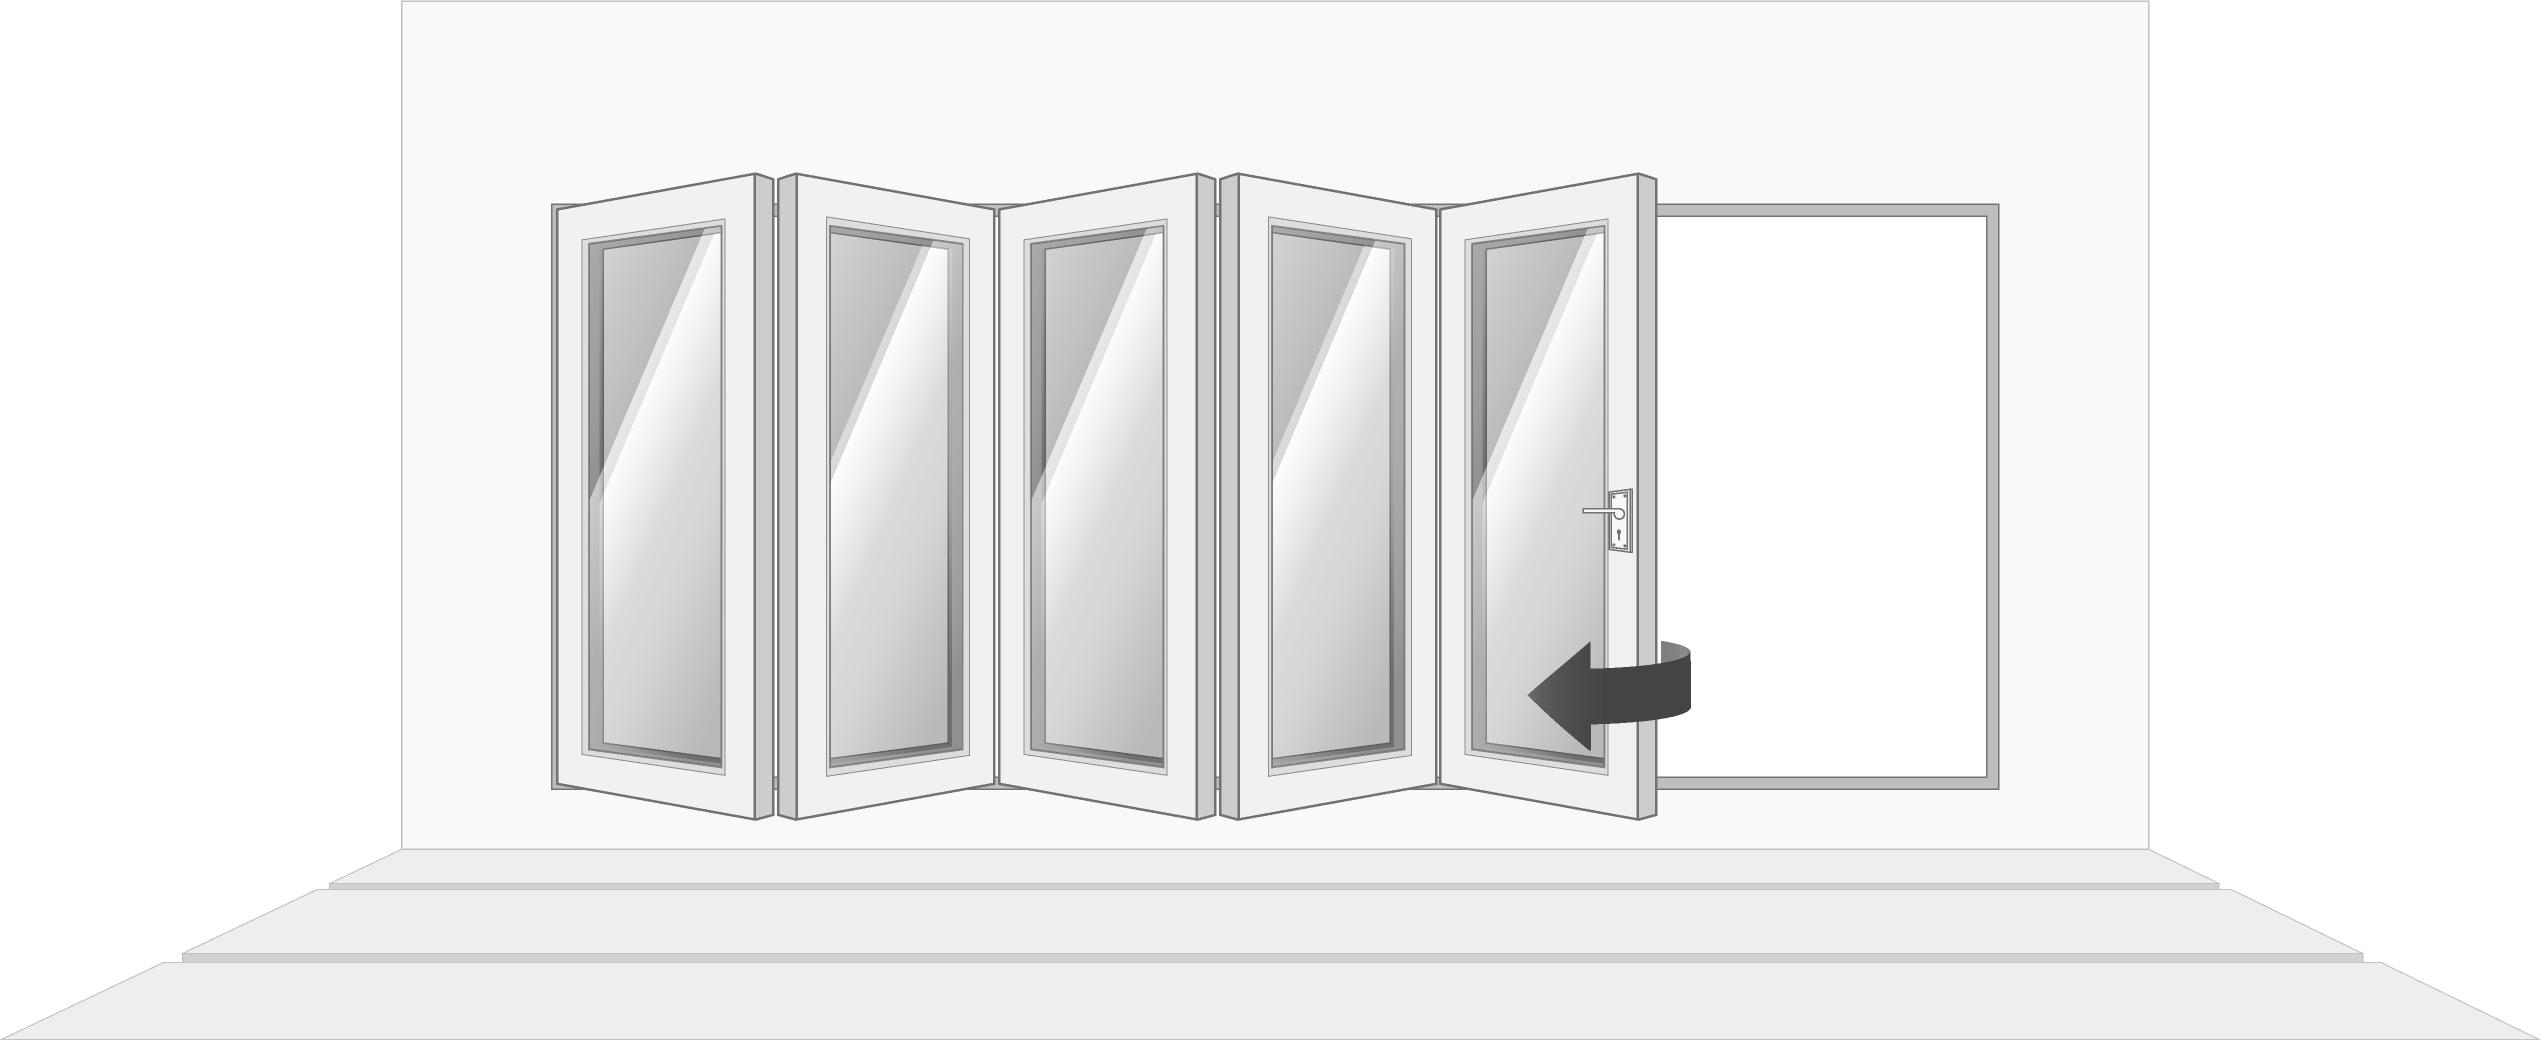 5-door left opening, open